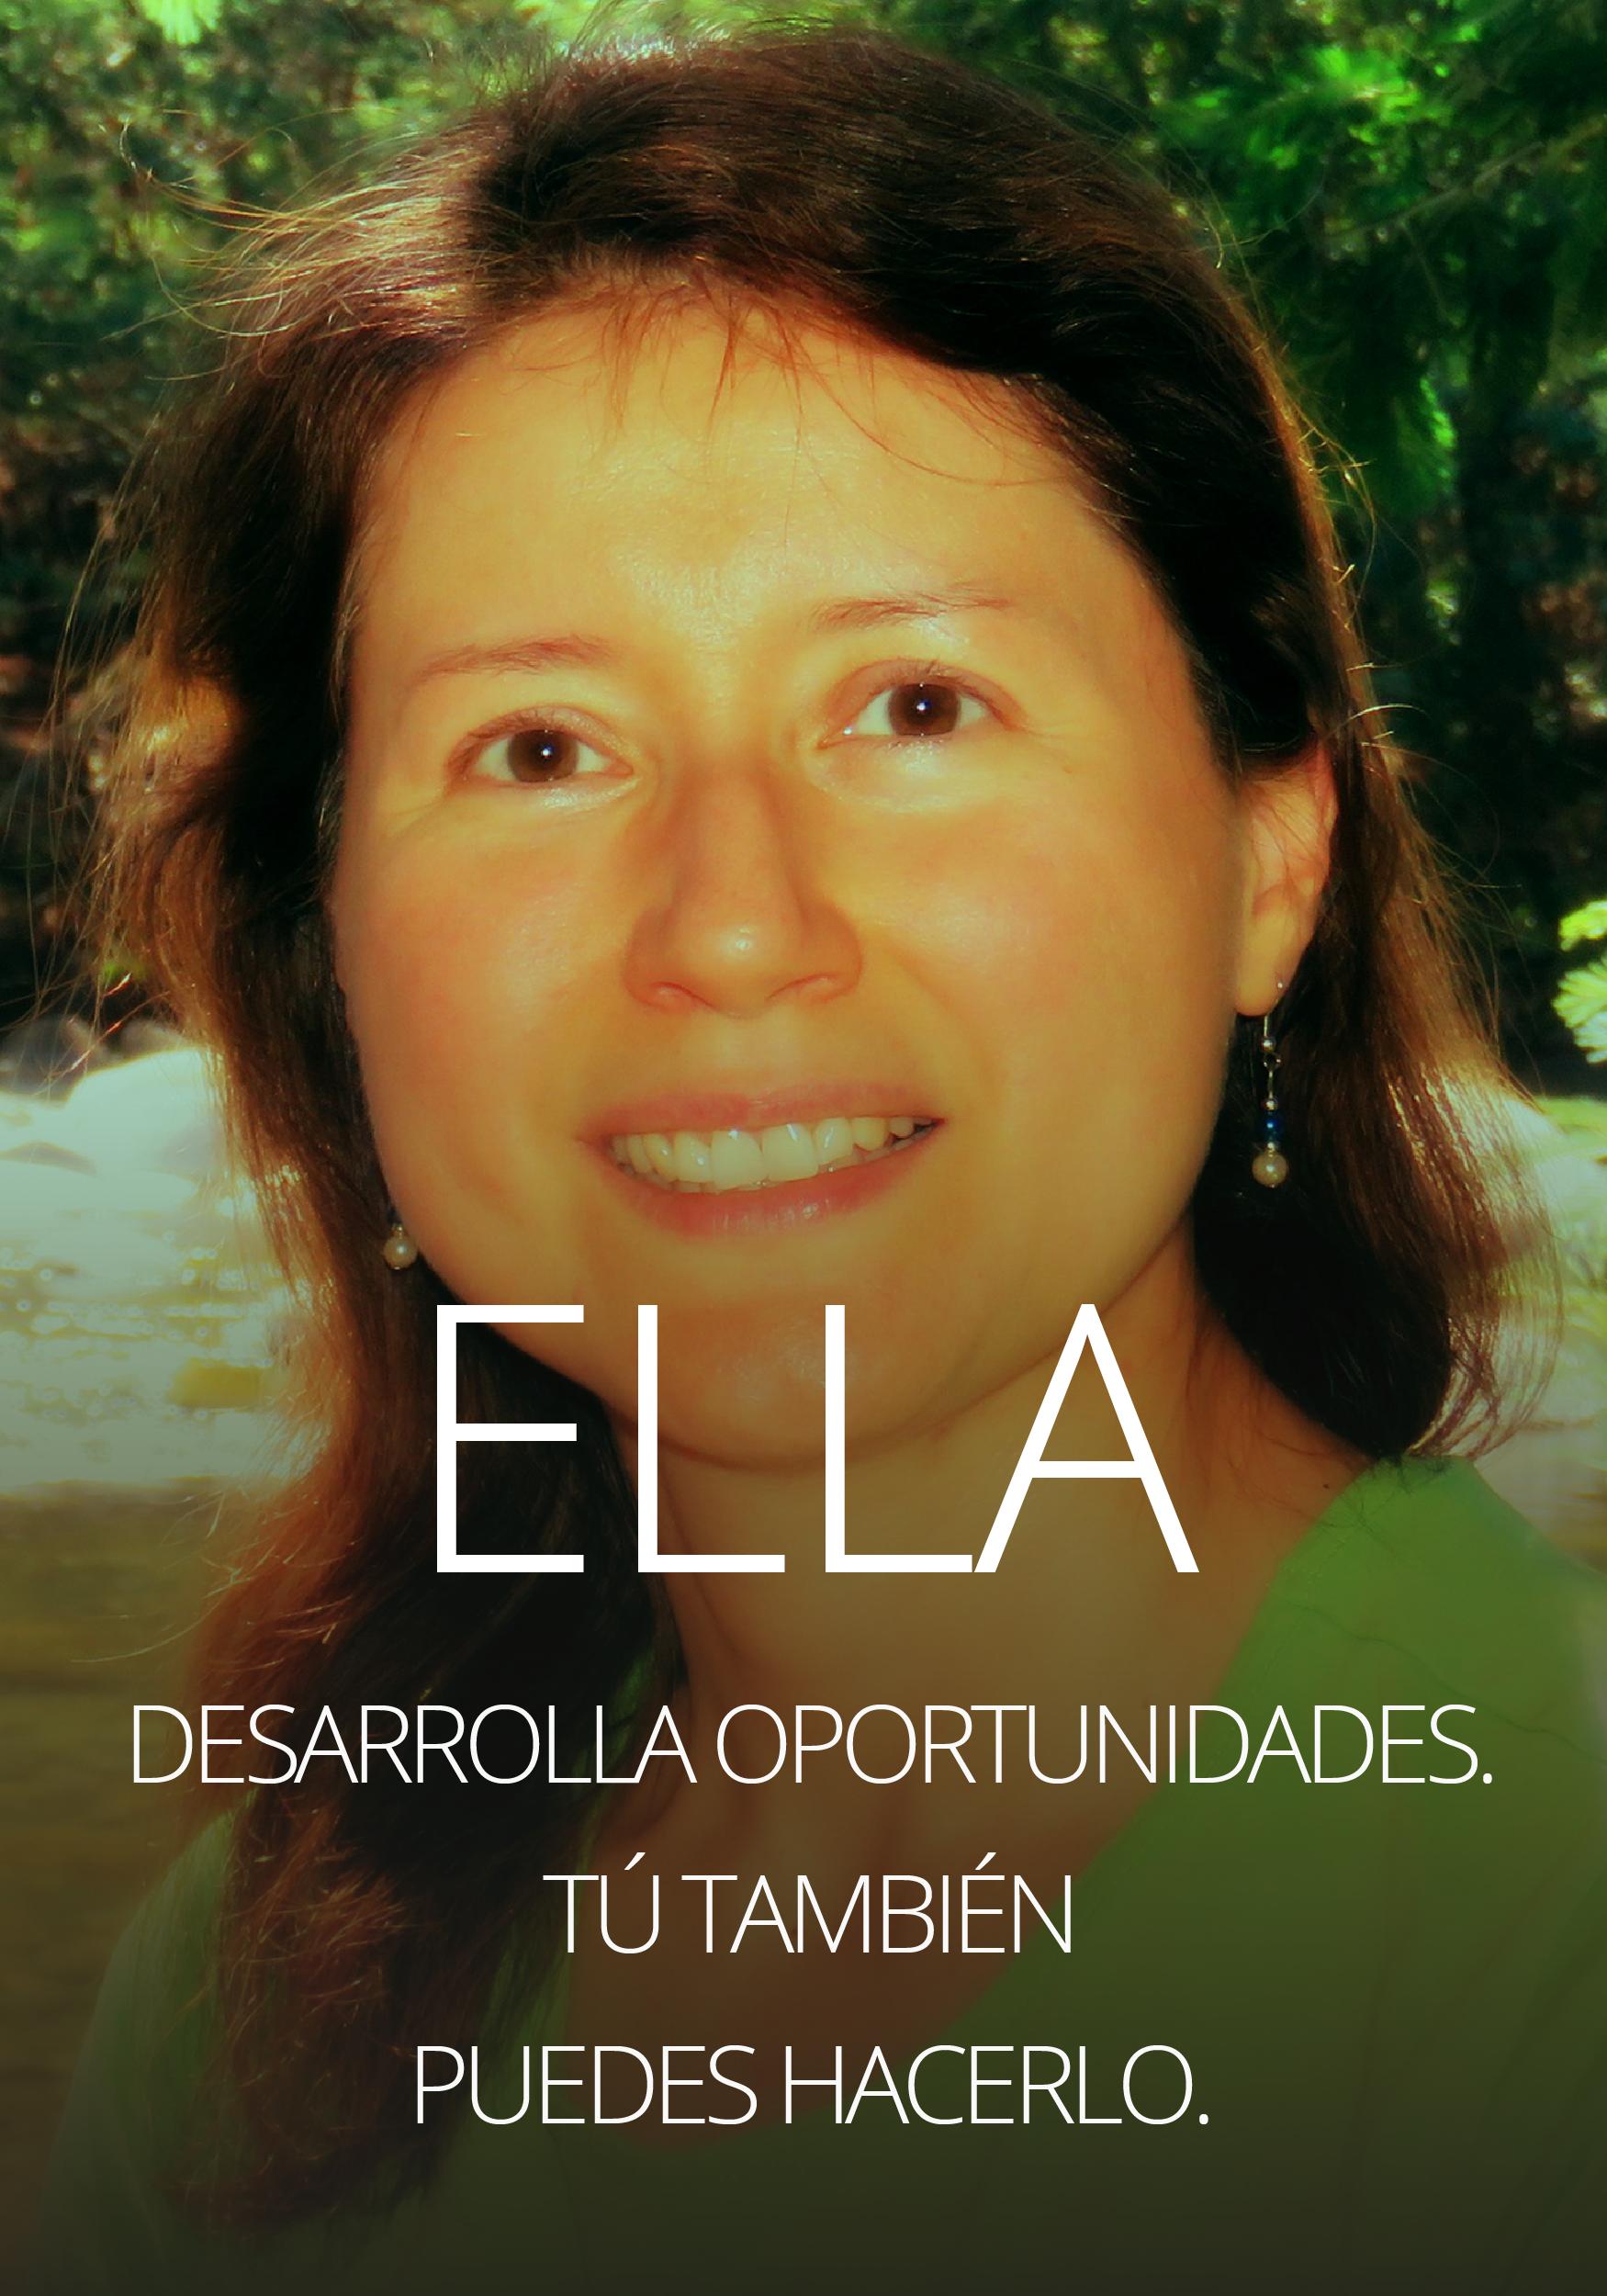 Isabel Villavicencio